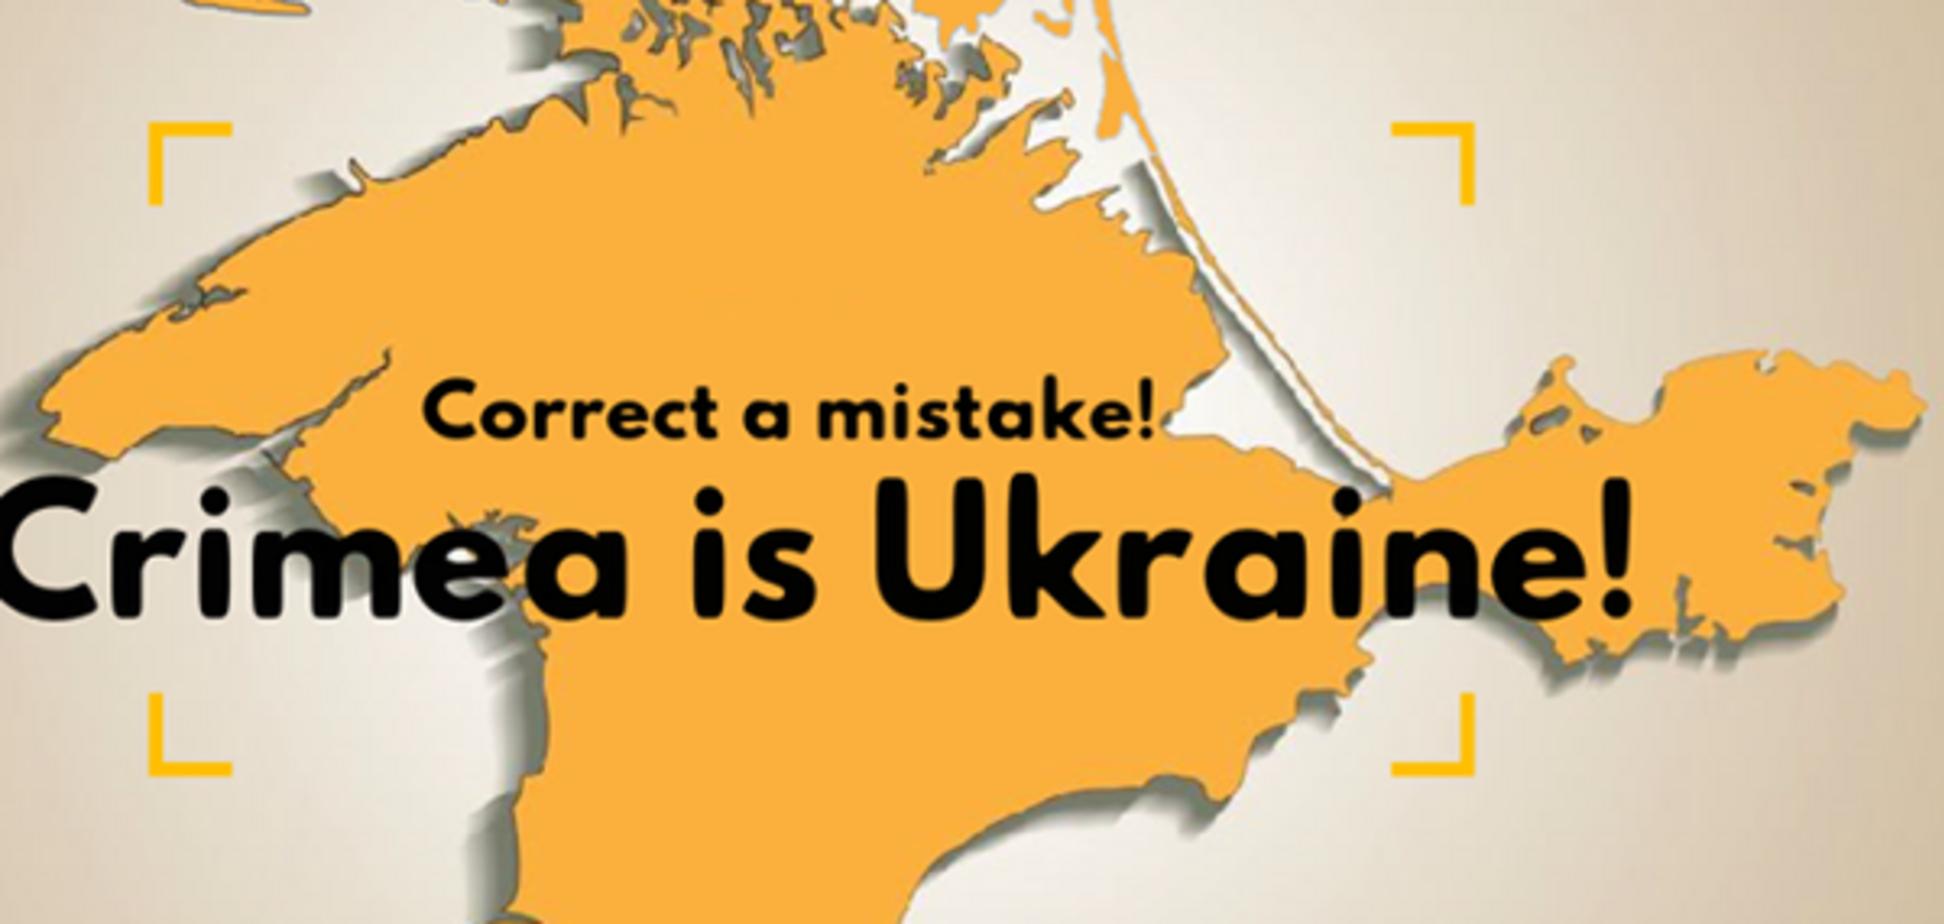 МЗС України закликав повідомляти про 'російський' Крим на картах